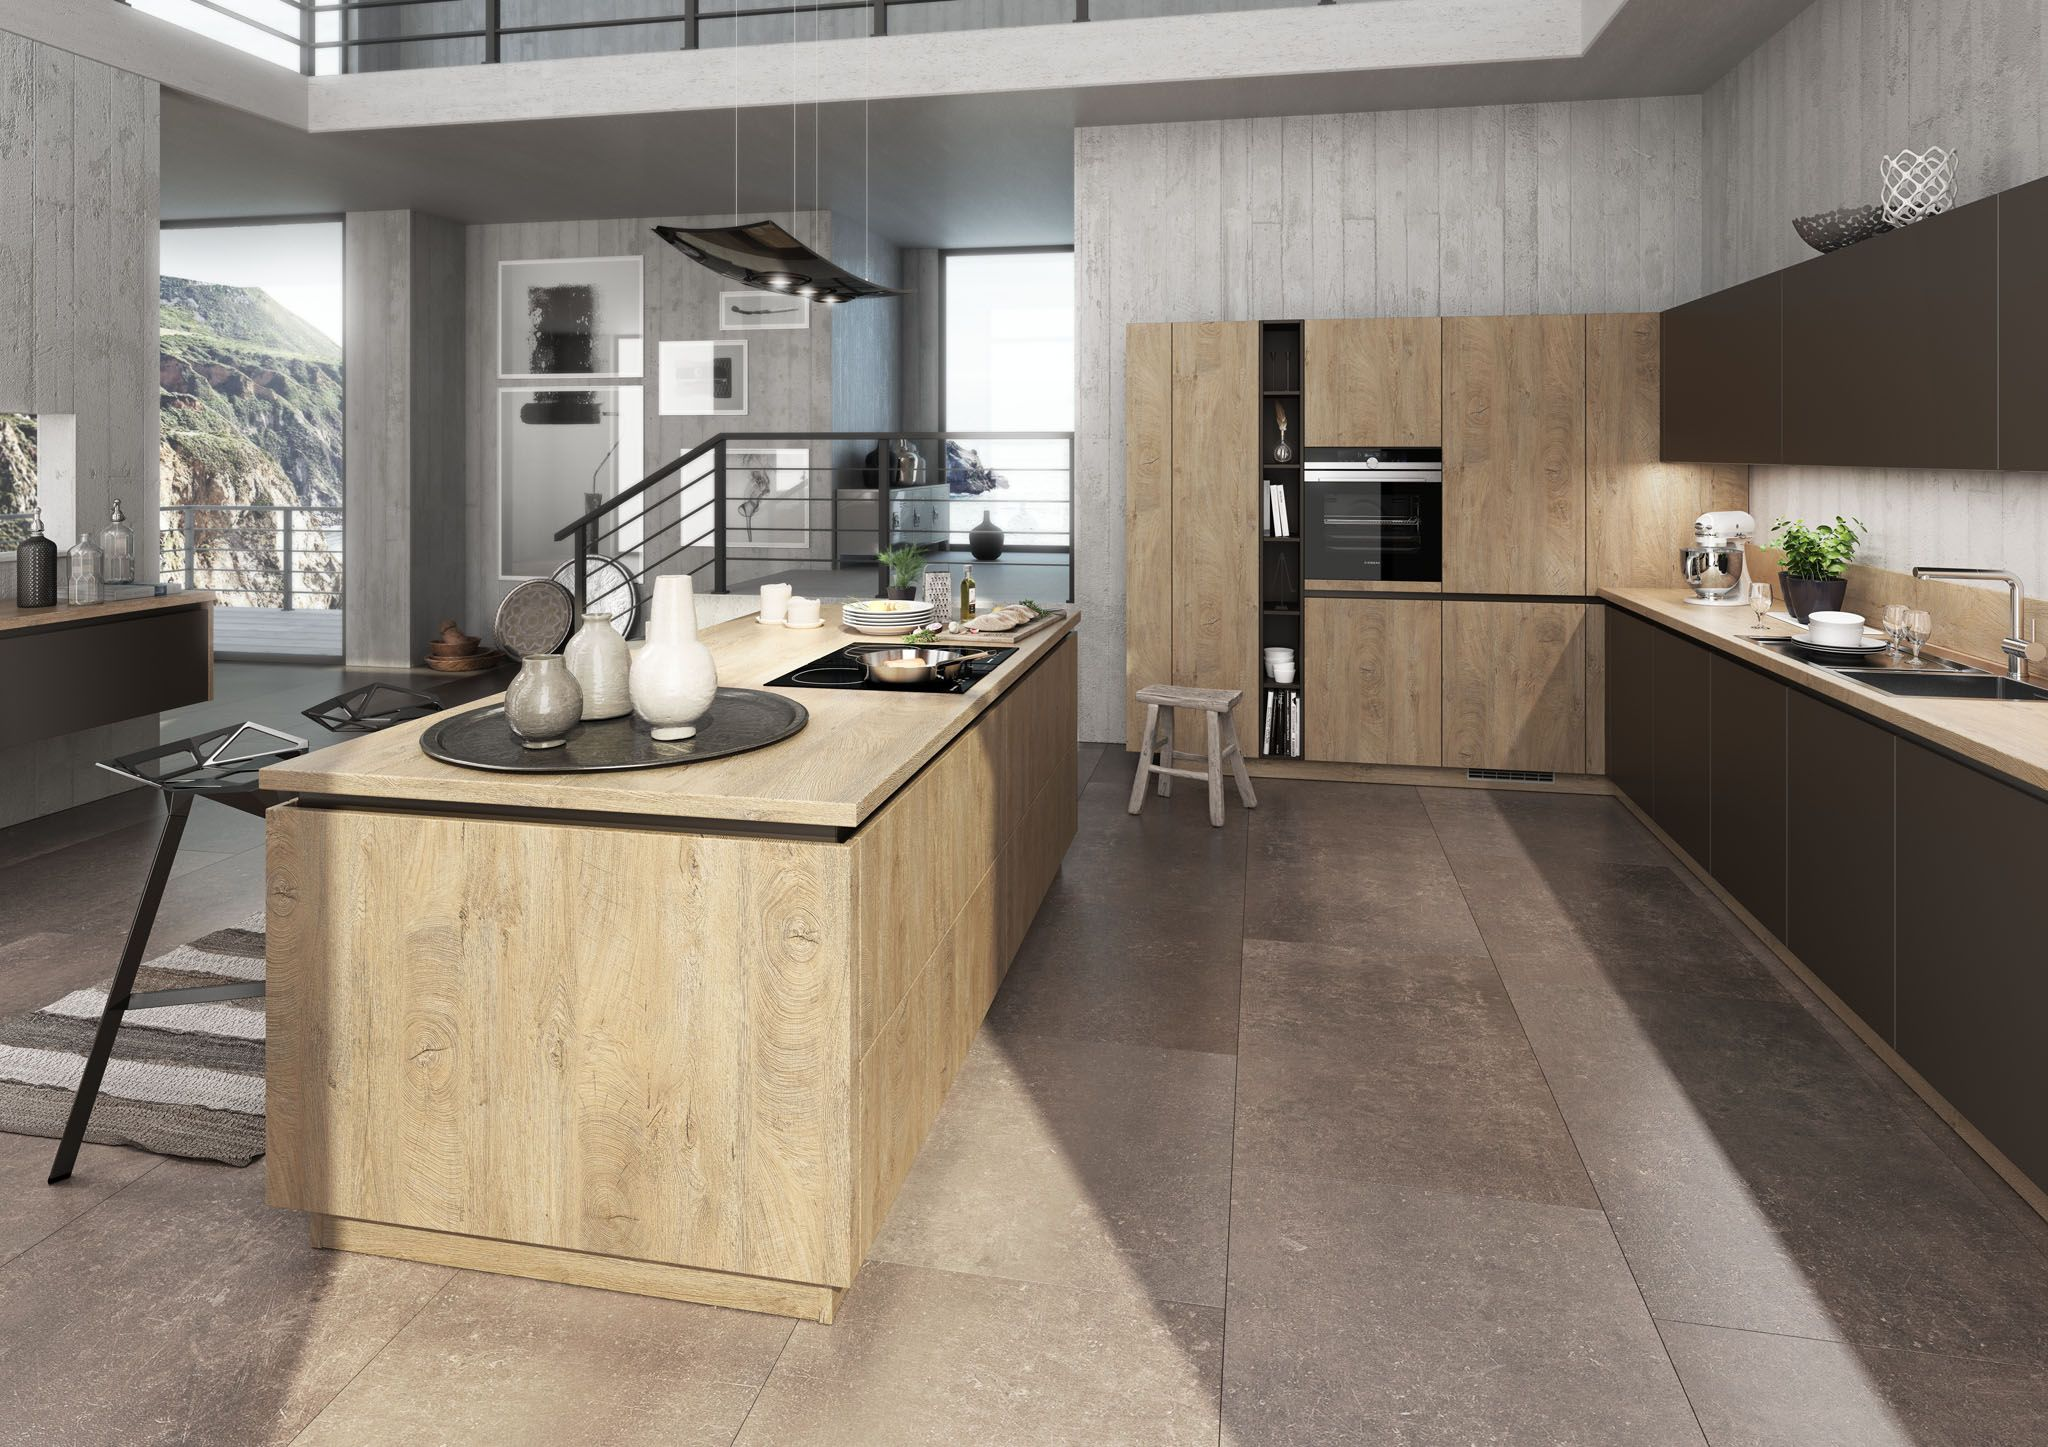 BAUFORMAT Küchen Moderne küche, Küche, Haus küchen